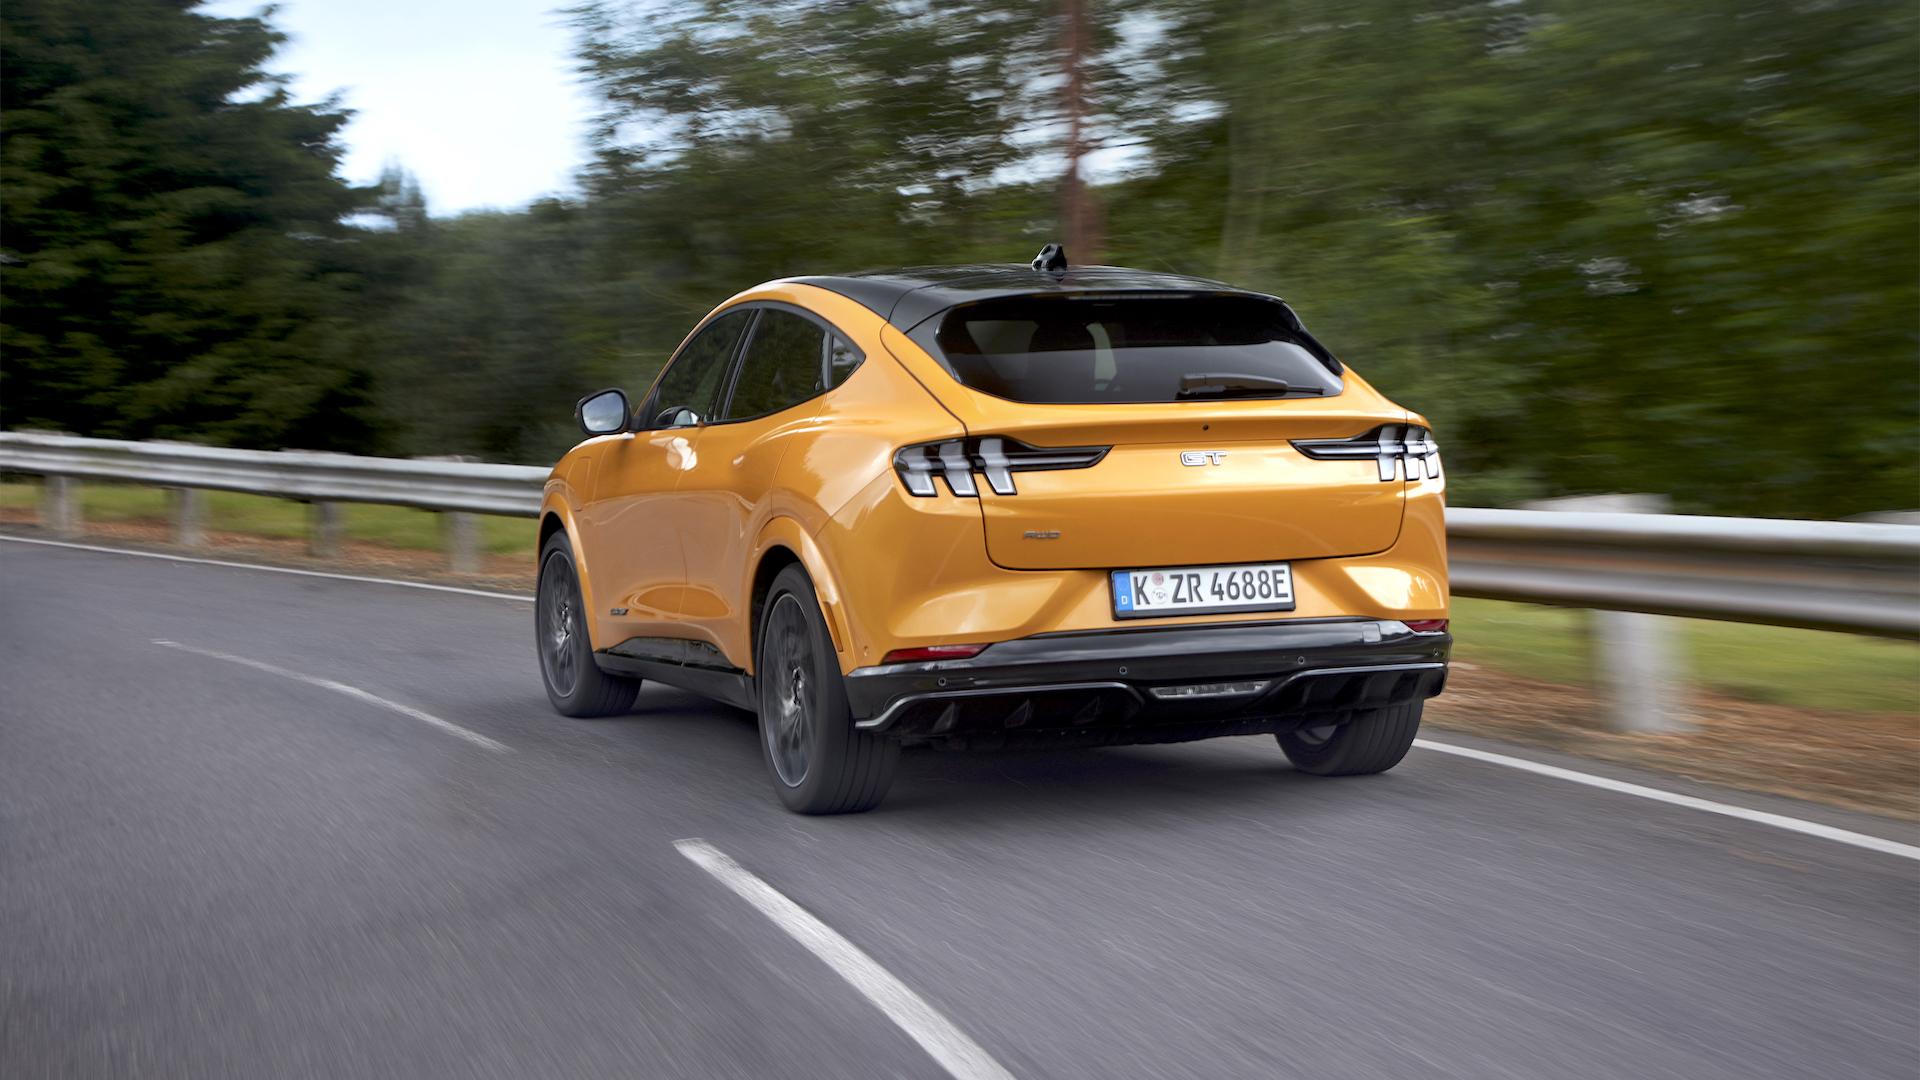 Comenzó en Europa la venta del nuevo Ford Mustang Mach-E eléctrico